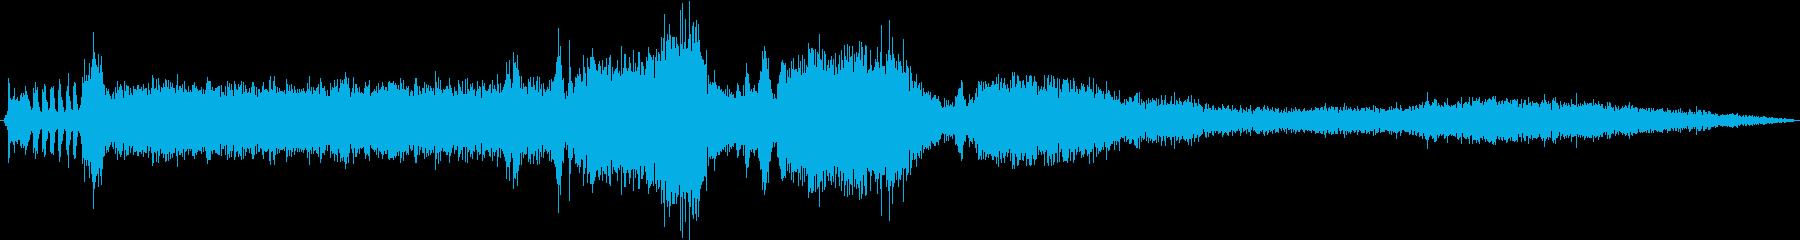 Macダンプトラック:Ext:開始...の再生済みの波形